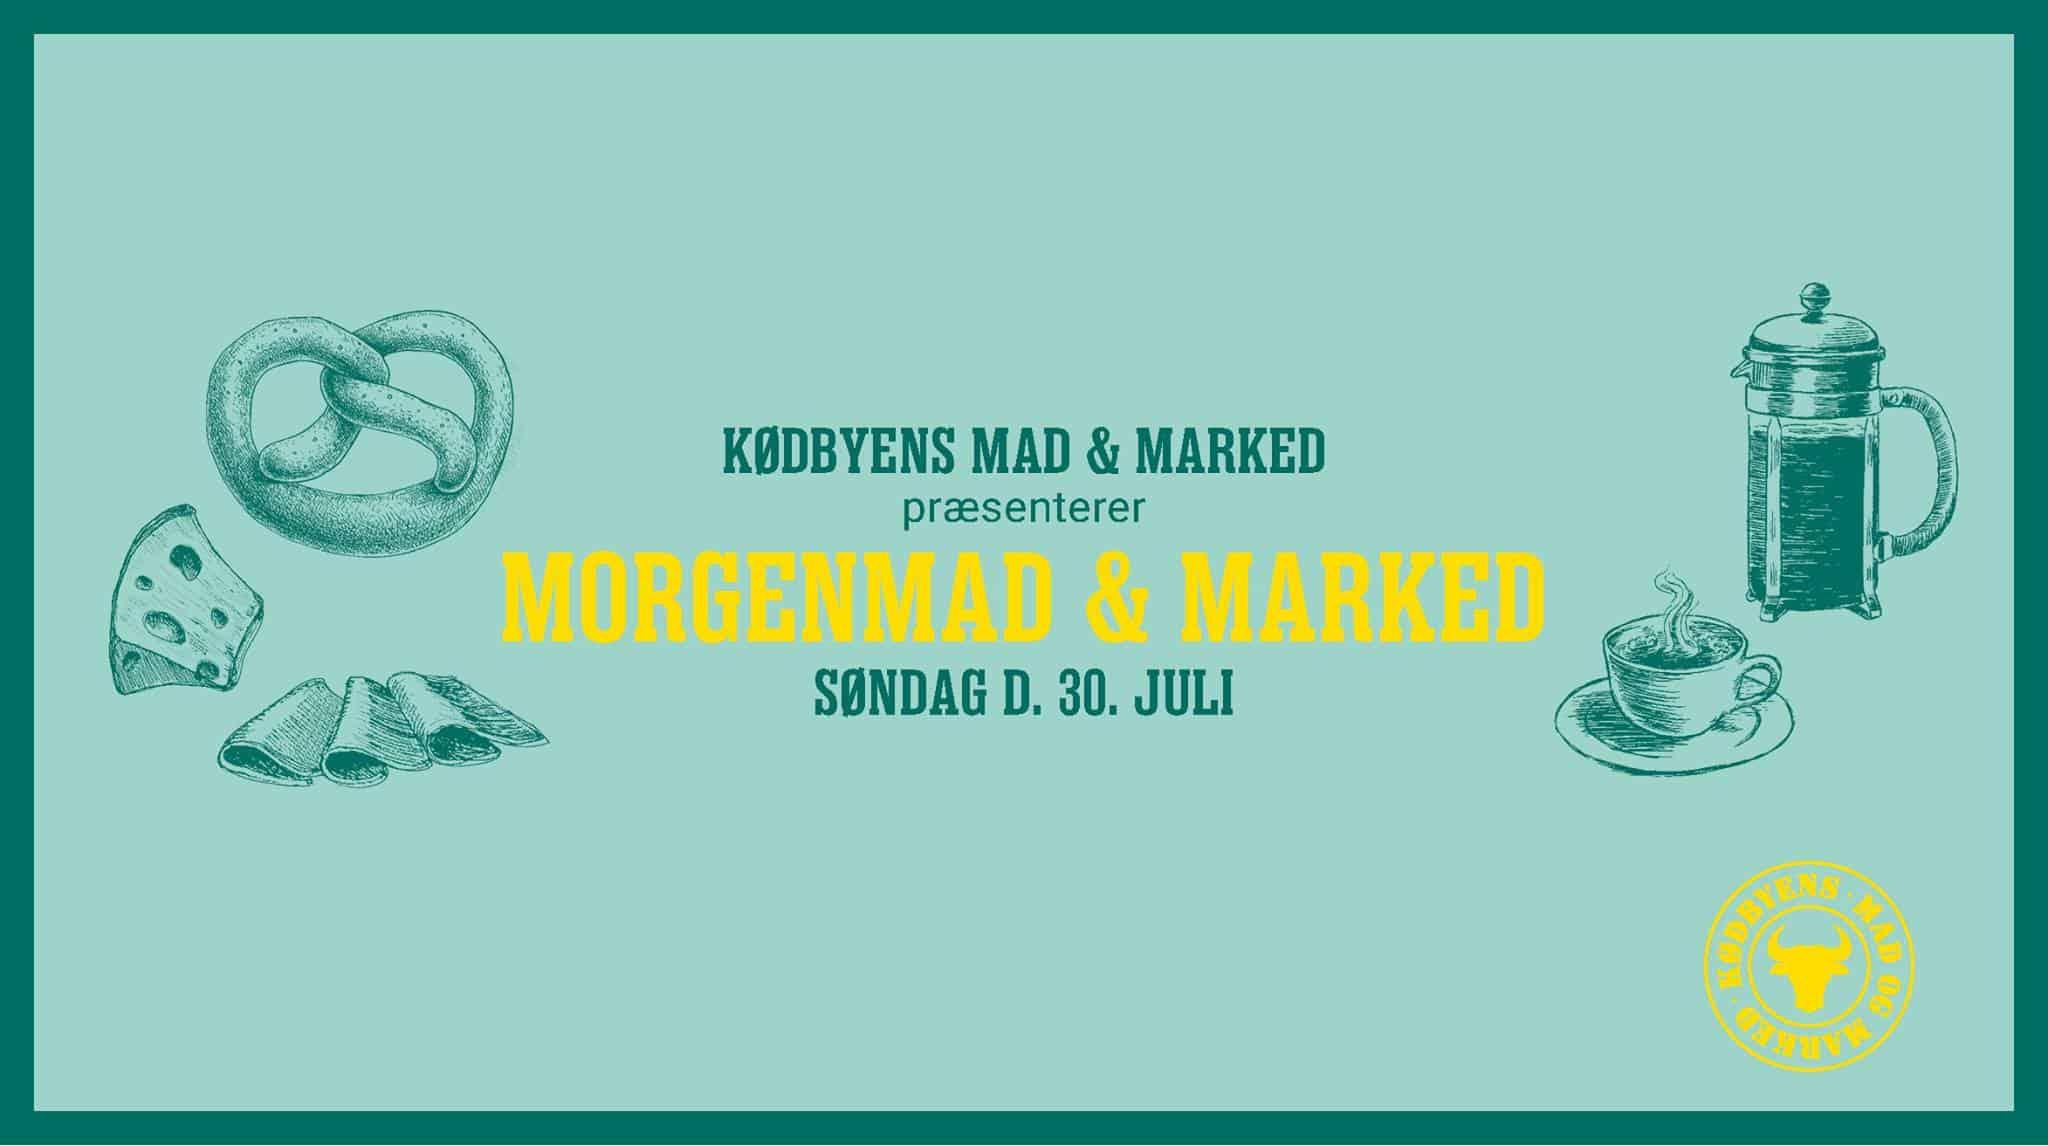 MORGENMAD OG MARKED